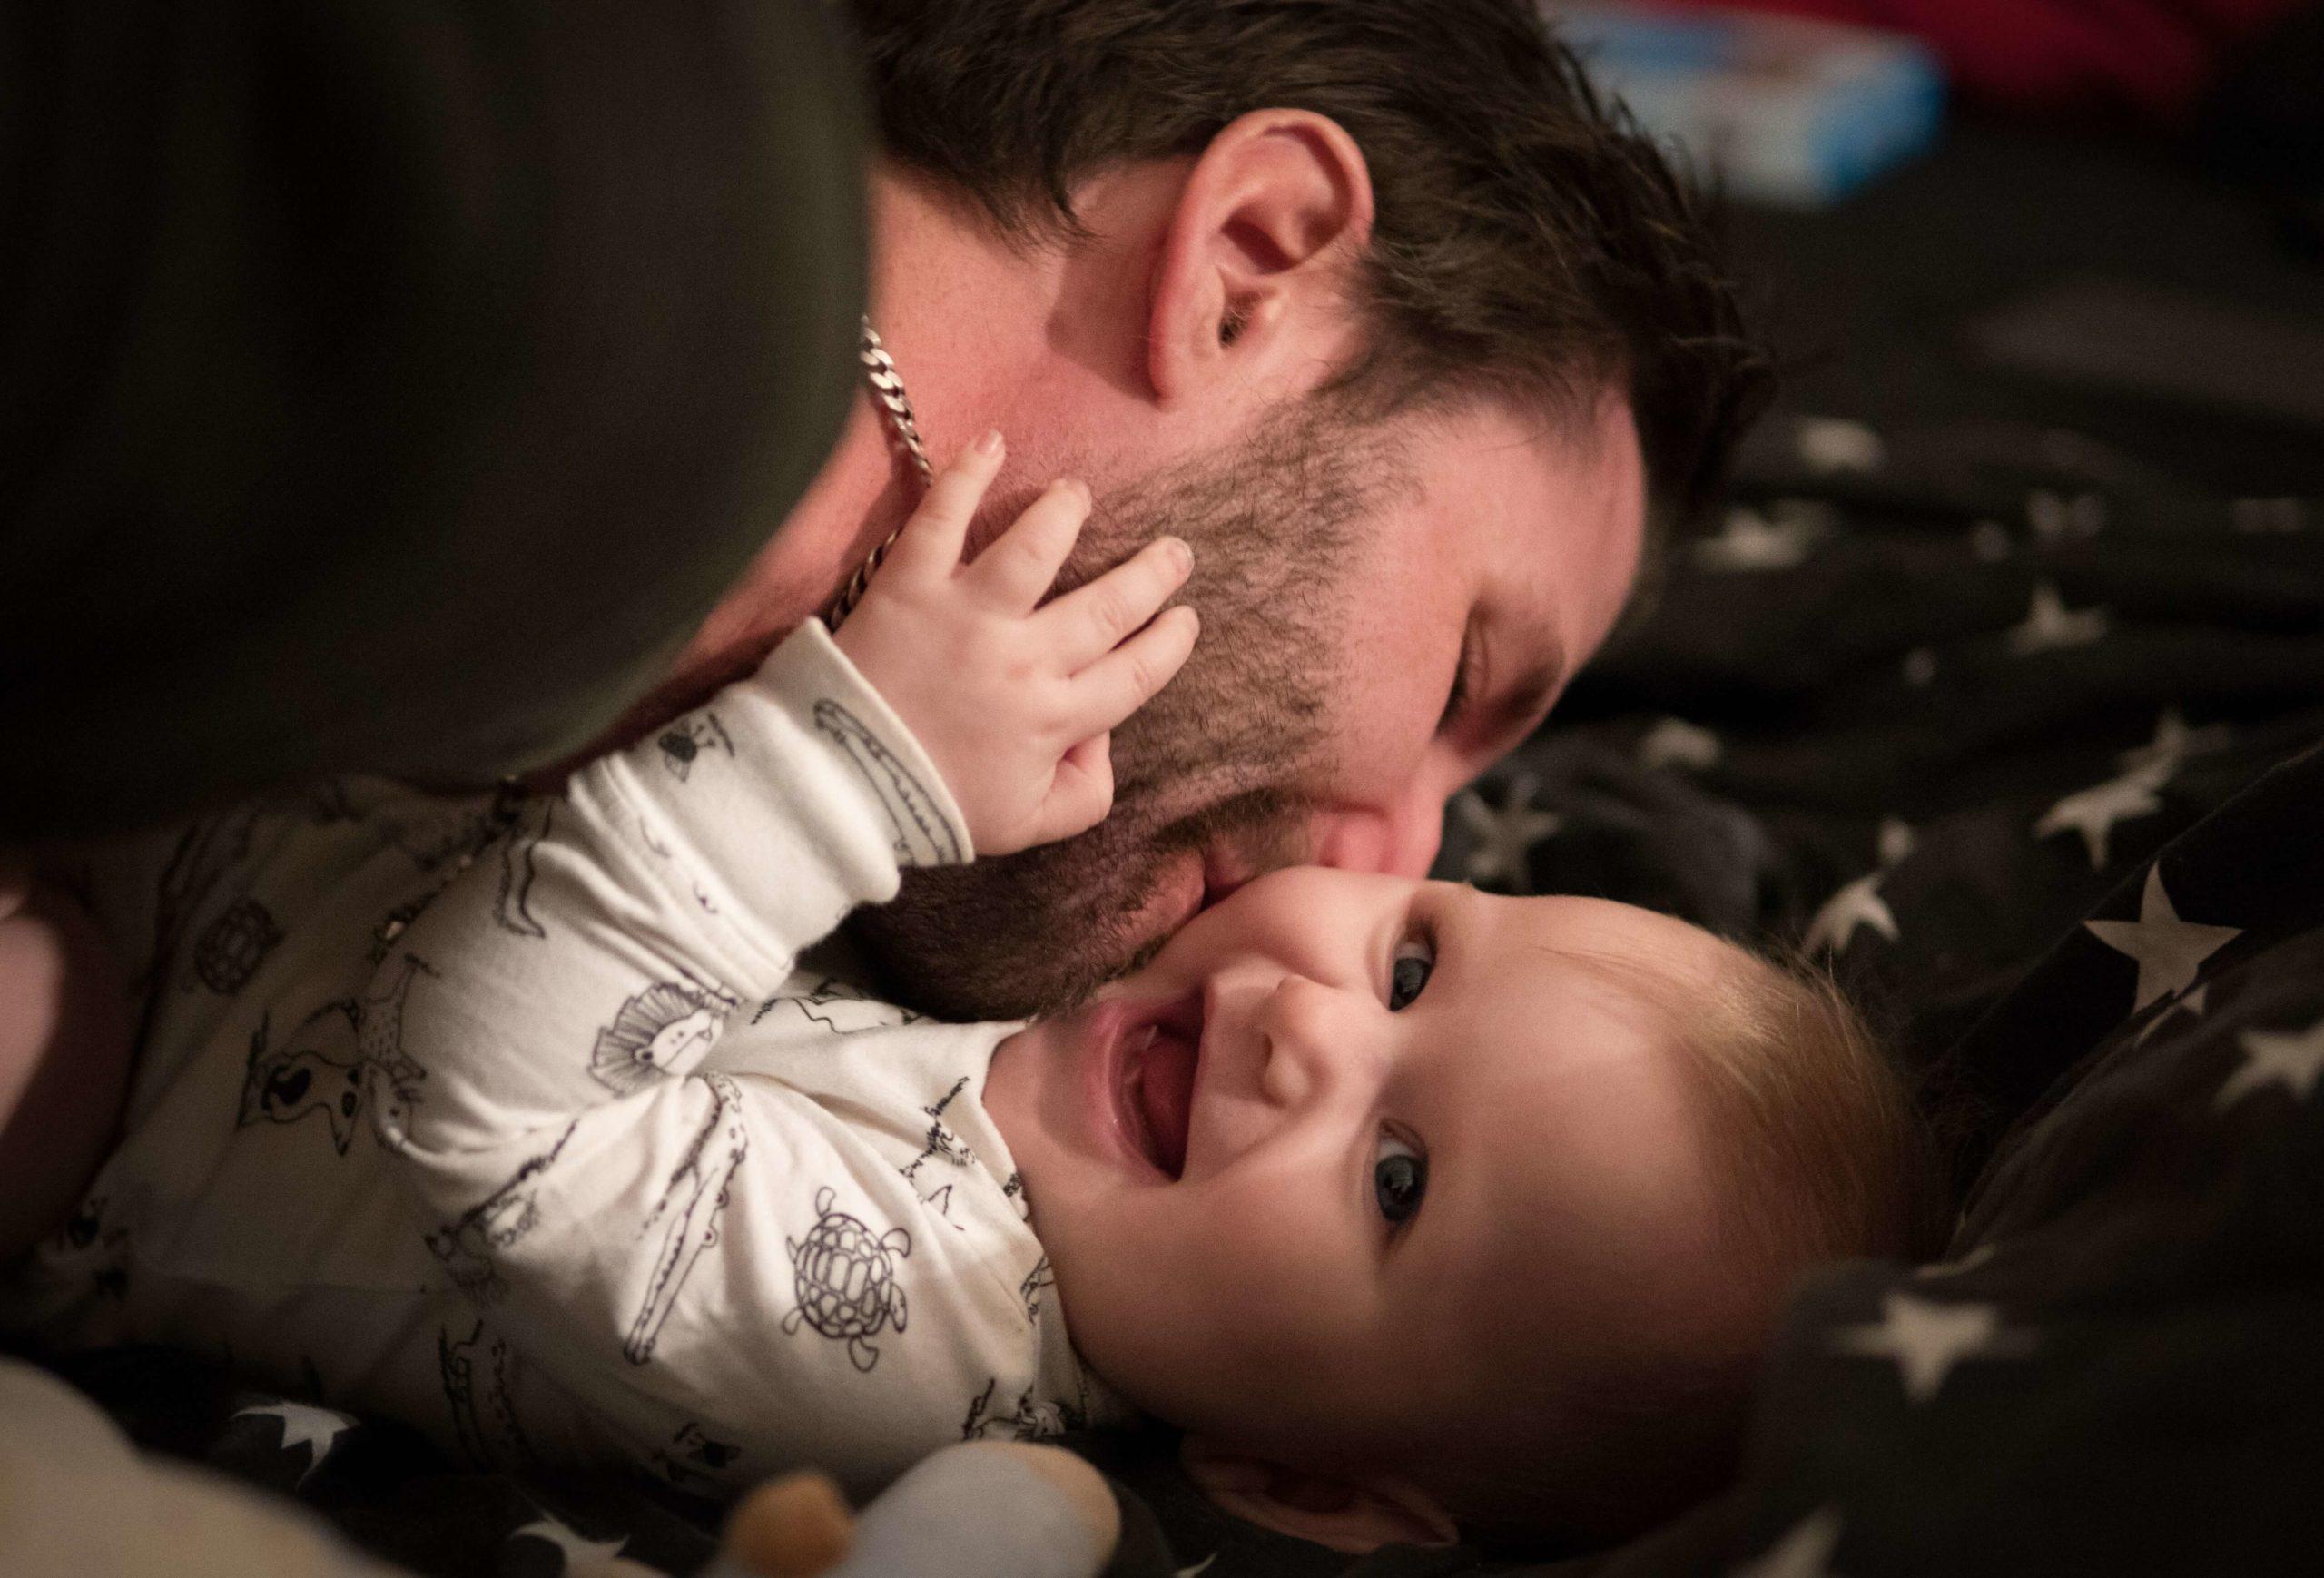 papa investi dans son rôle de père